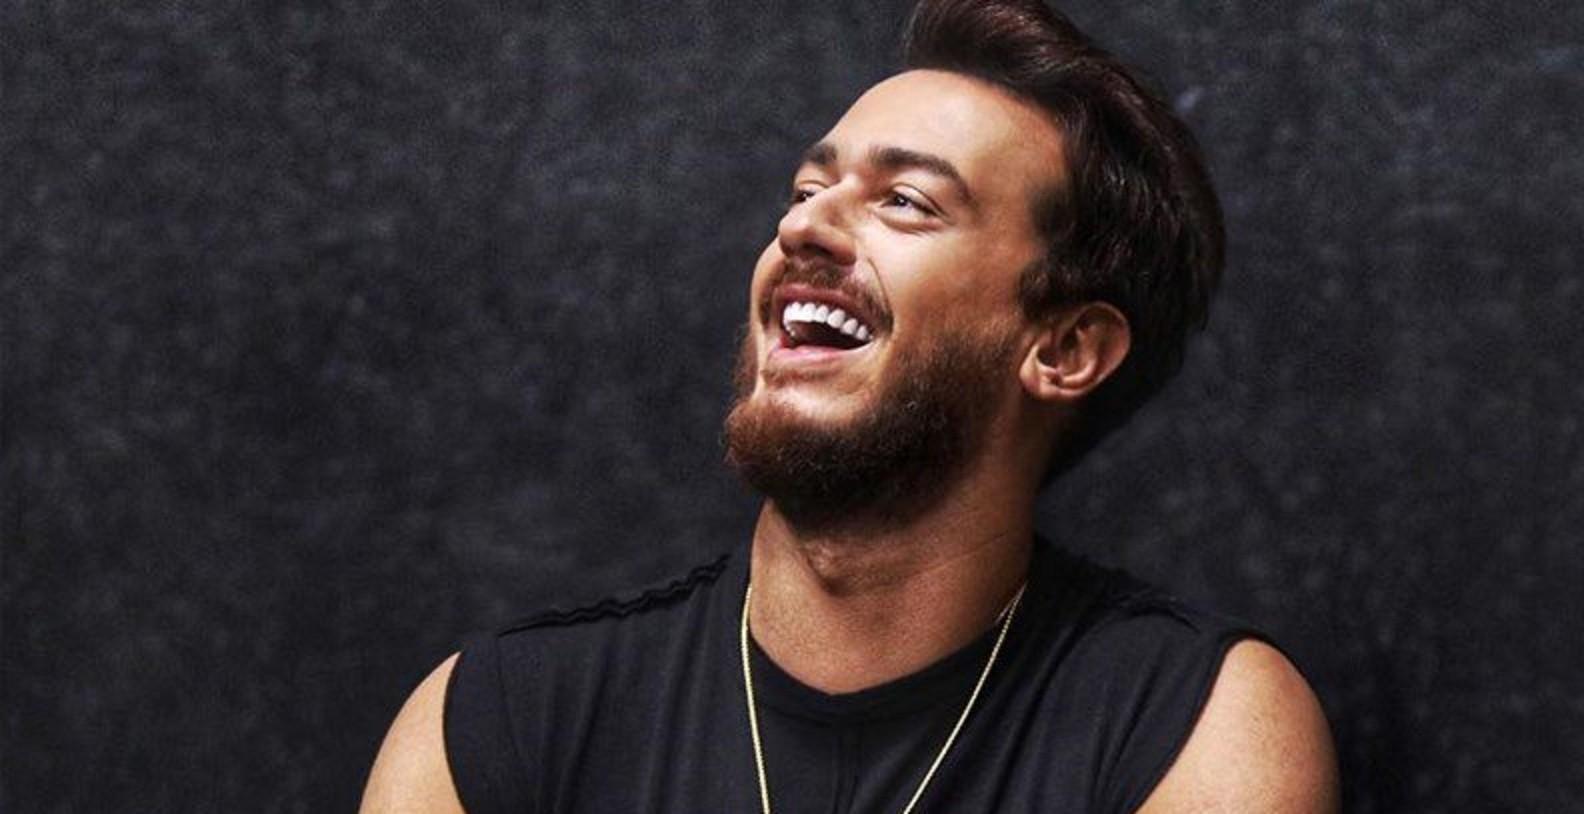 سعد لمجرد يشوّق الجمهور لأجدد أغنياته وهذا موعد طرحها- بالفيديو